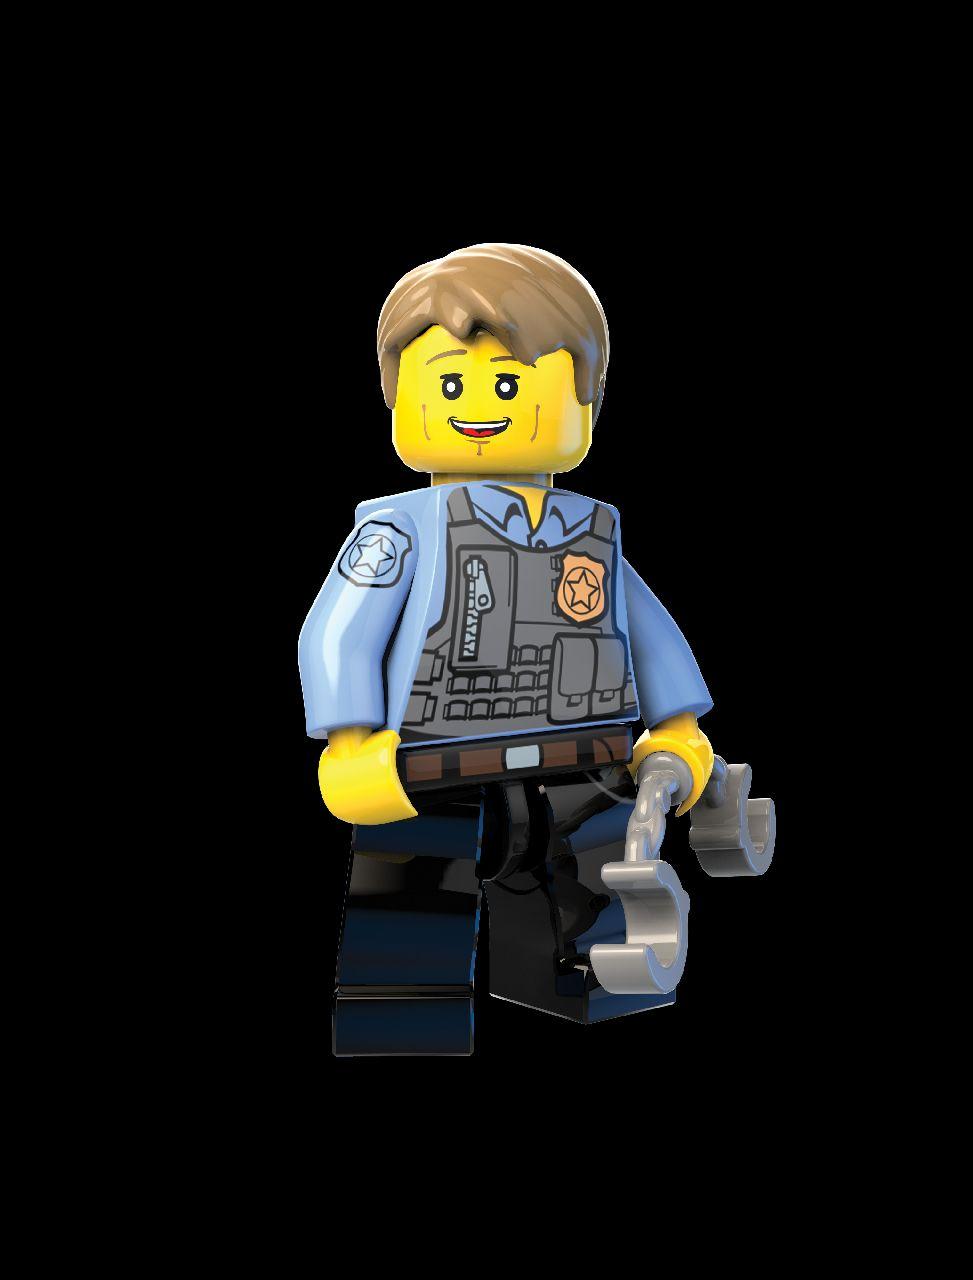 Mas imágenes de Lego City: Undercover. ¡¡Mil y una situaciones!!